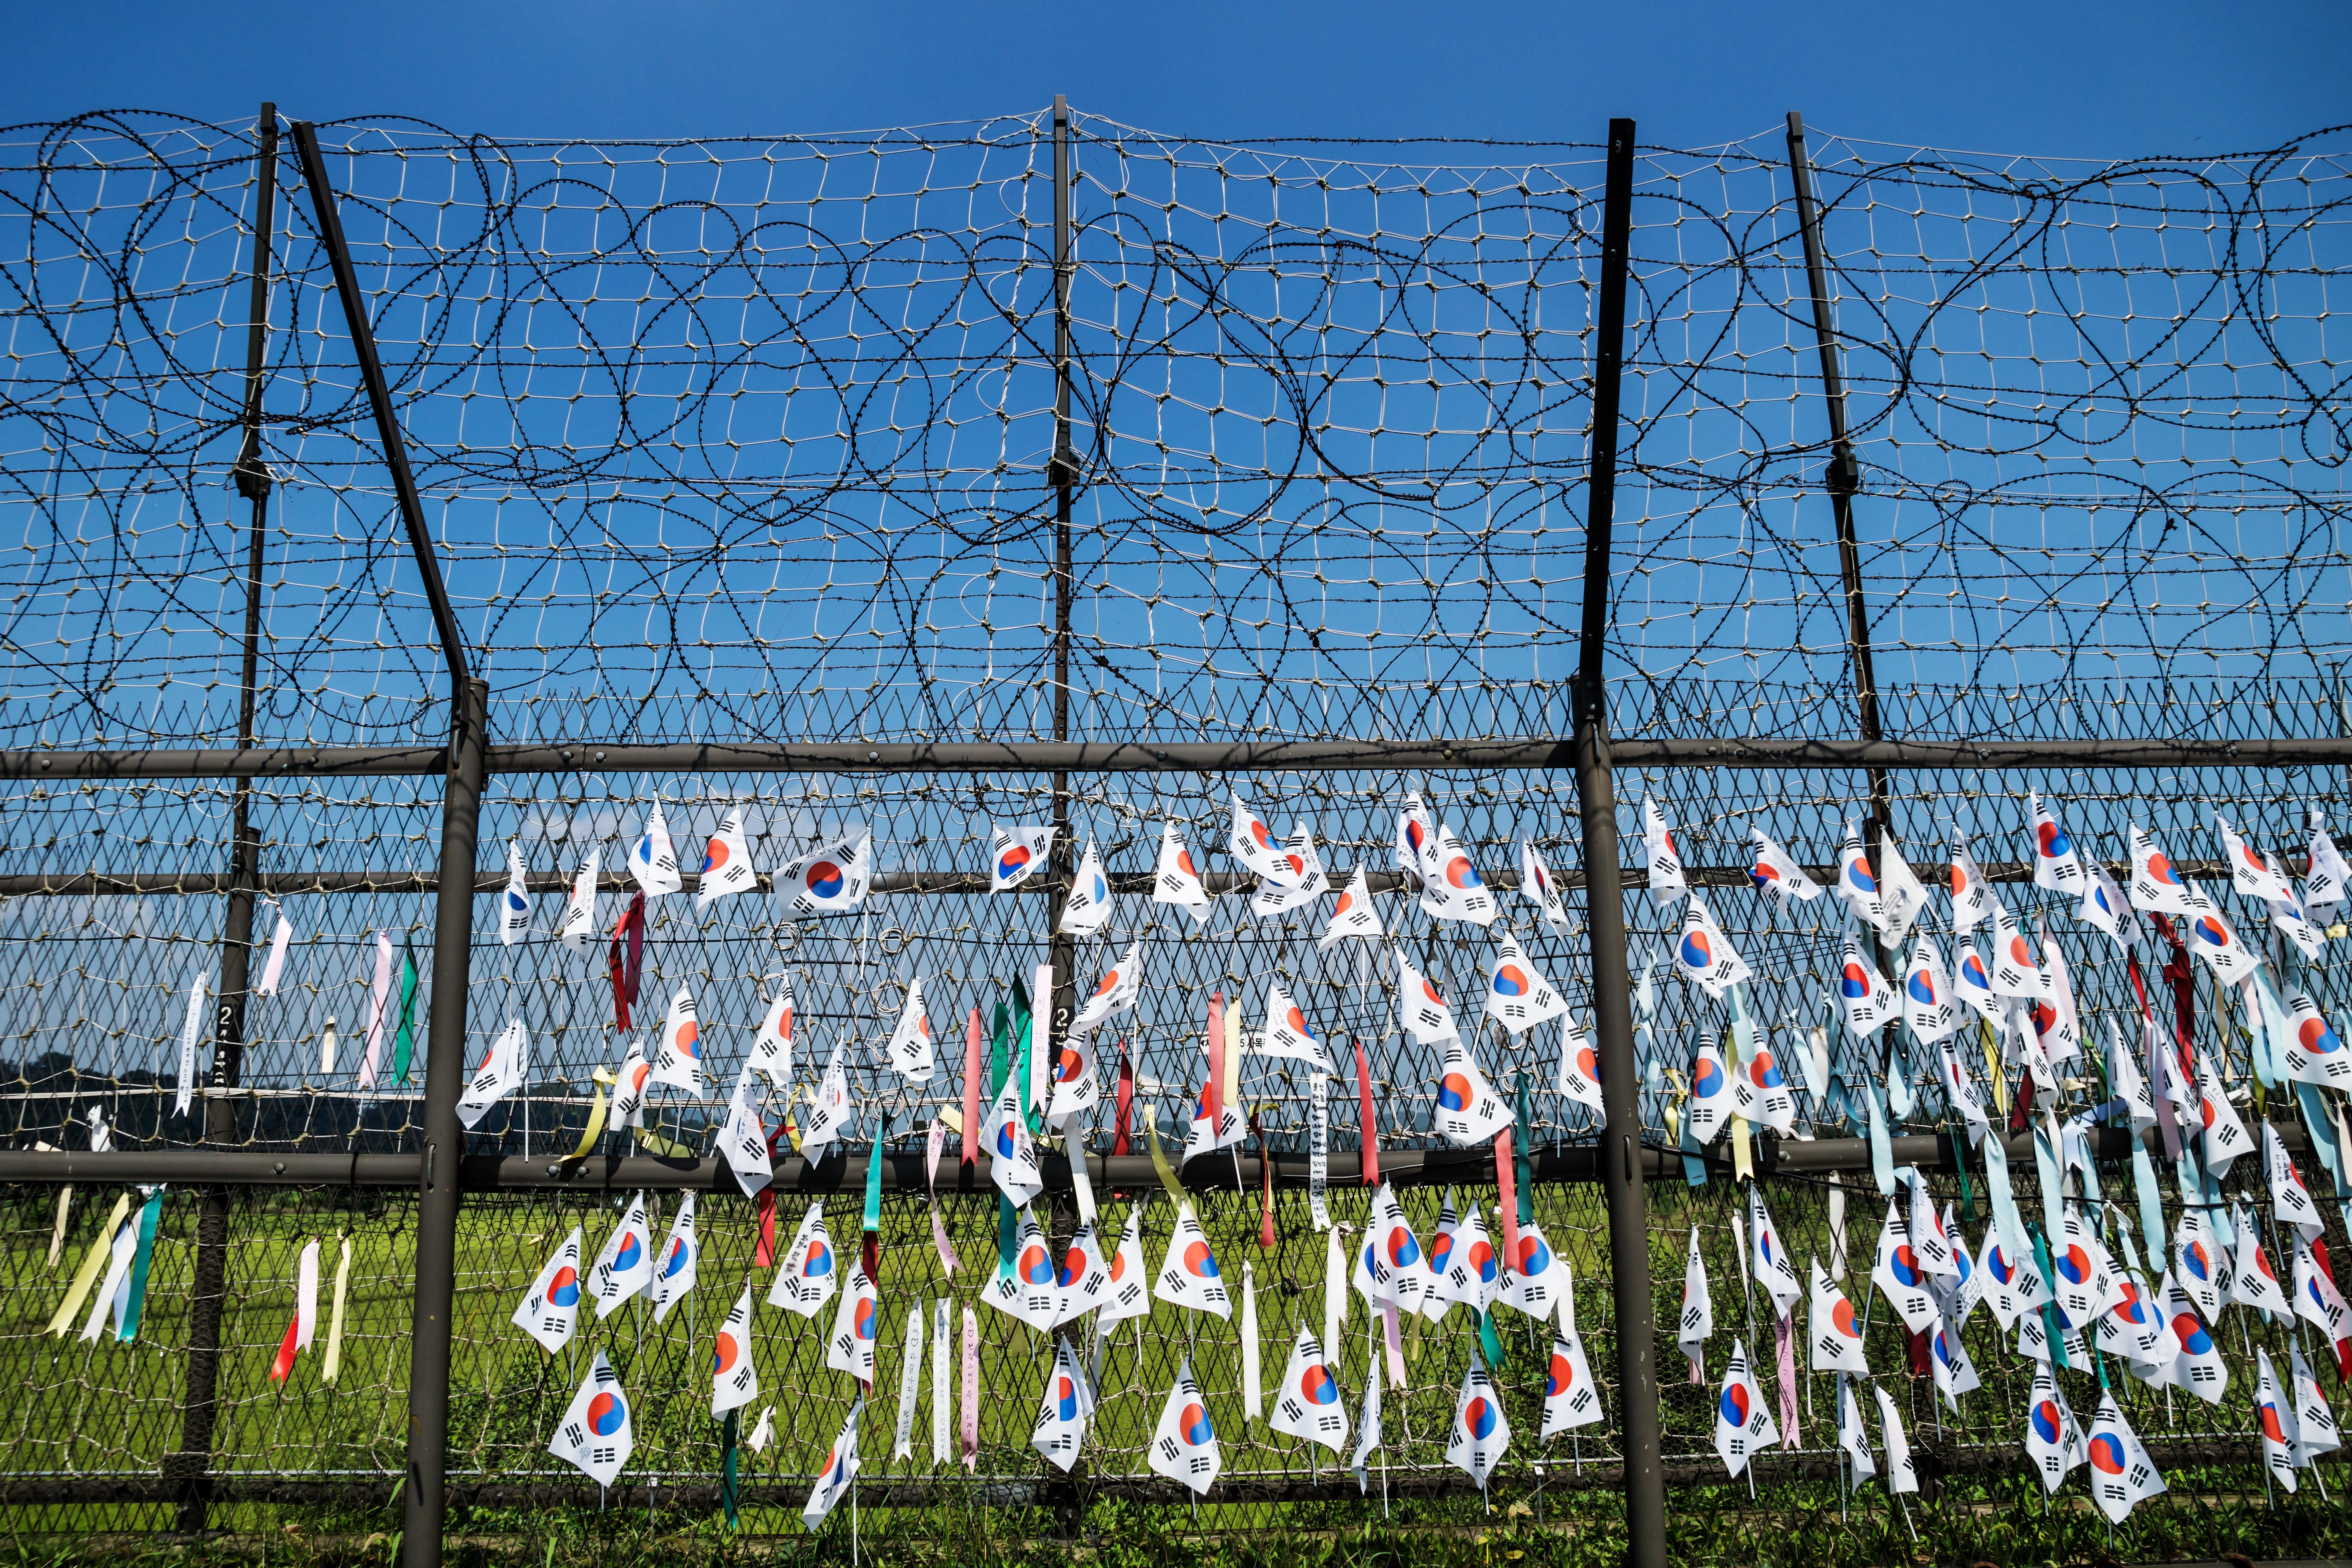 Είναι ακόμη «πολύ νωρίς» για μια σύνοδο κορυφής με τη Β. Κορέα, δηλώνει ο πρόεδρος της Ν.